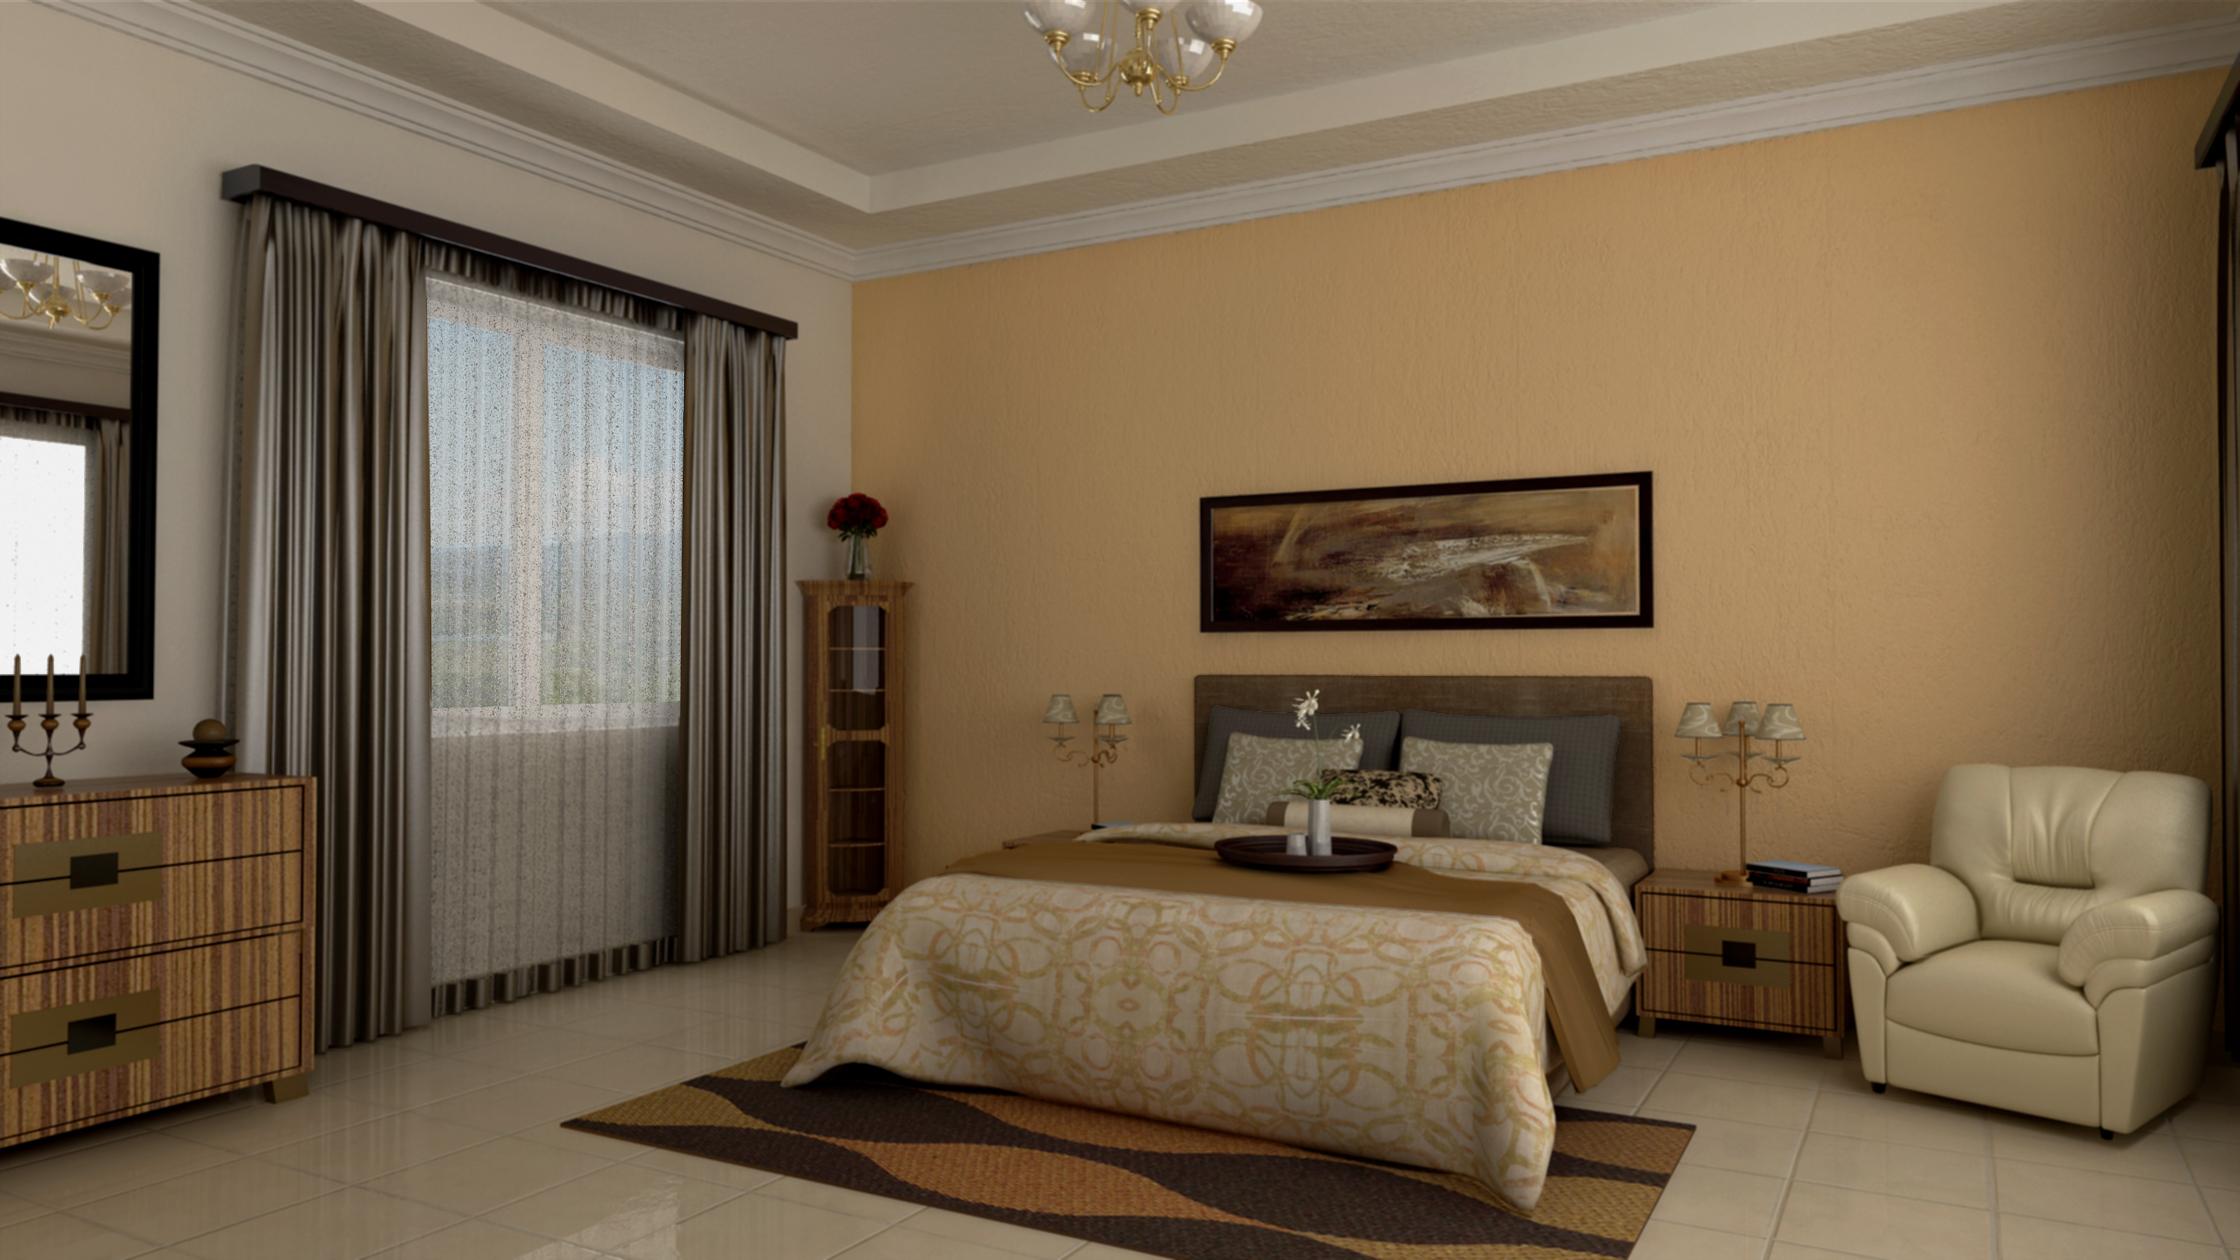 Sala y dormitorio for Dormitorio sala